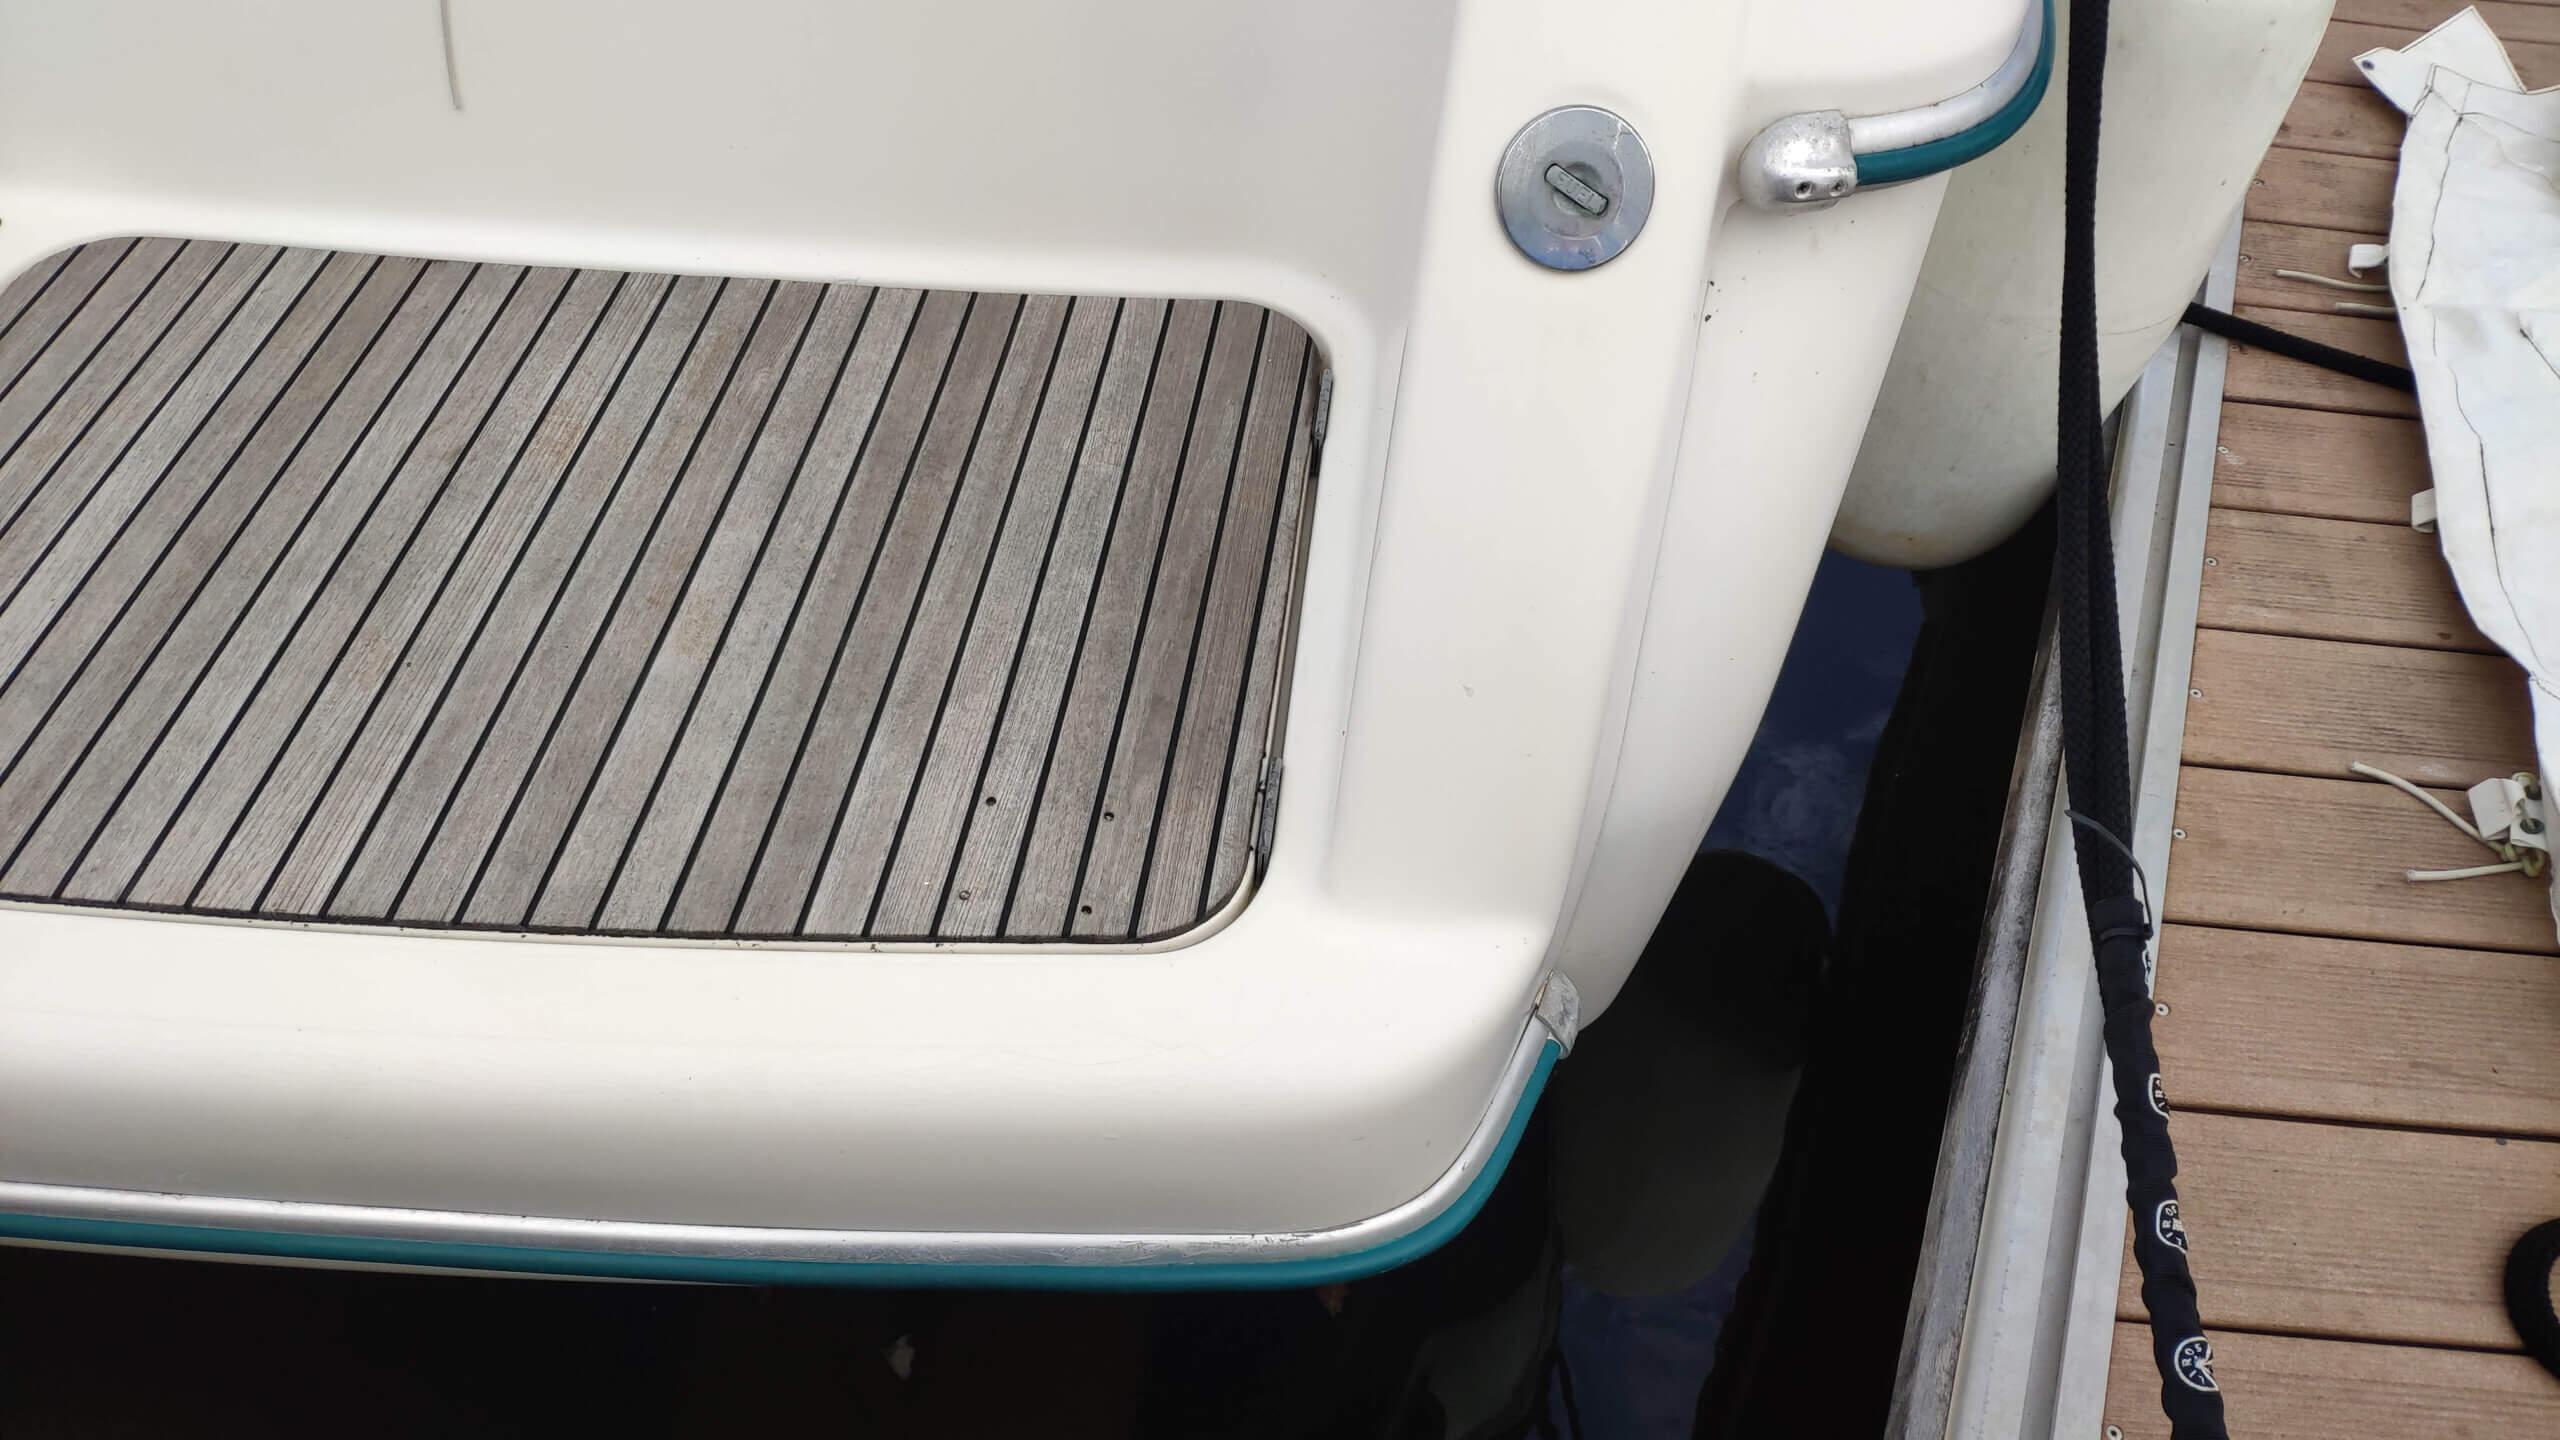 nettoyage & blanchiment jupe arrive prestique 36 latitude nautique (2)